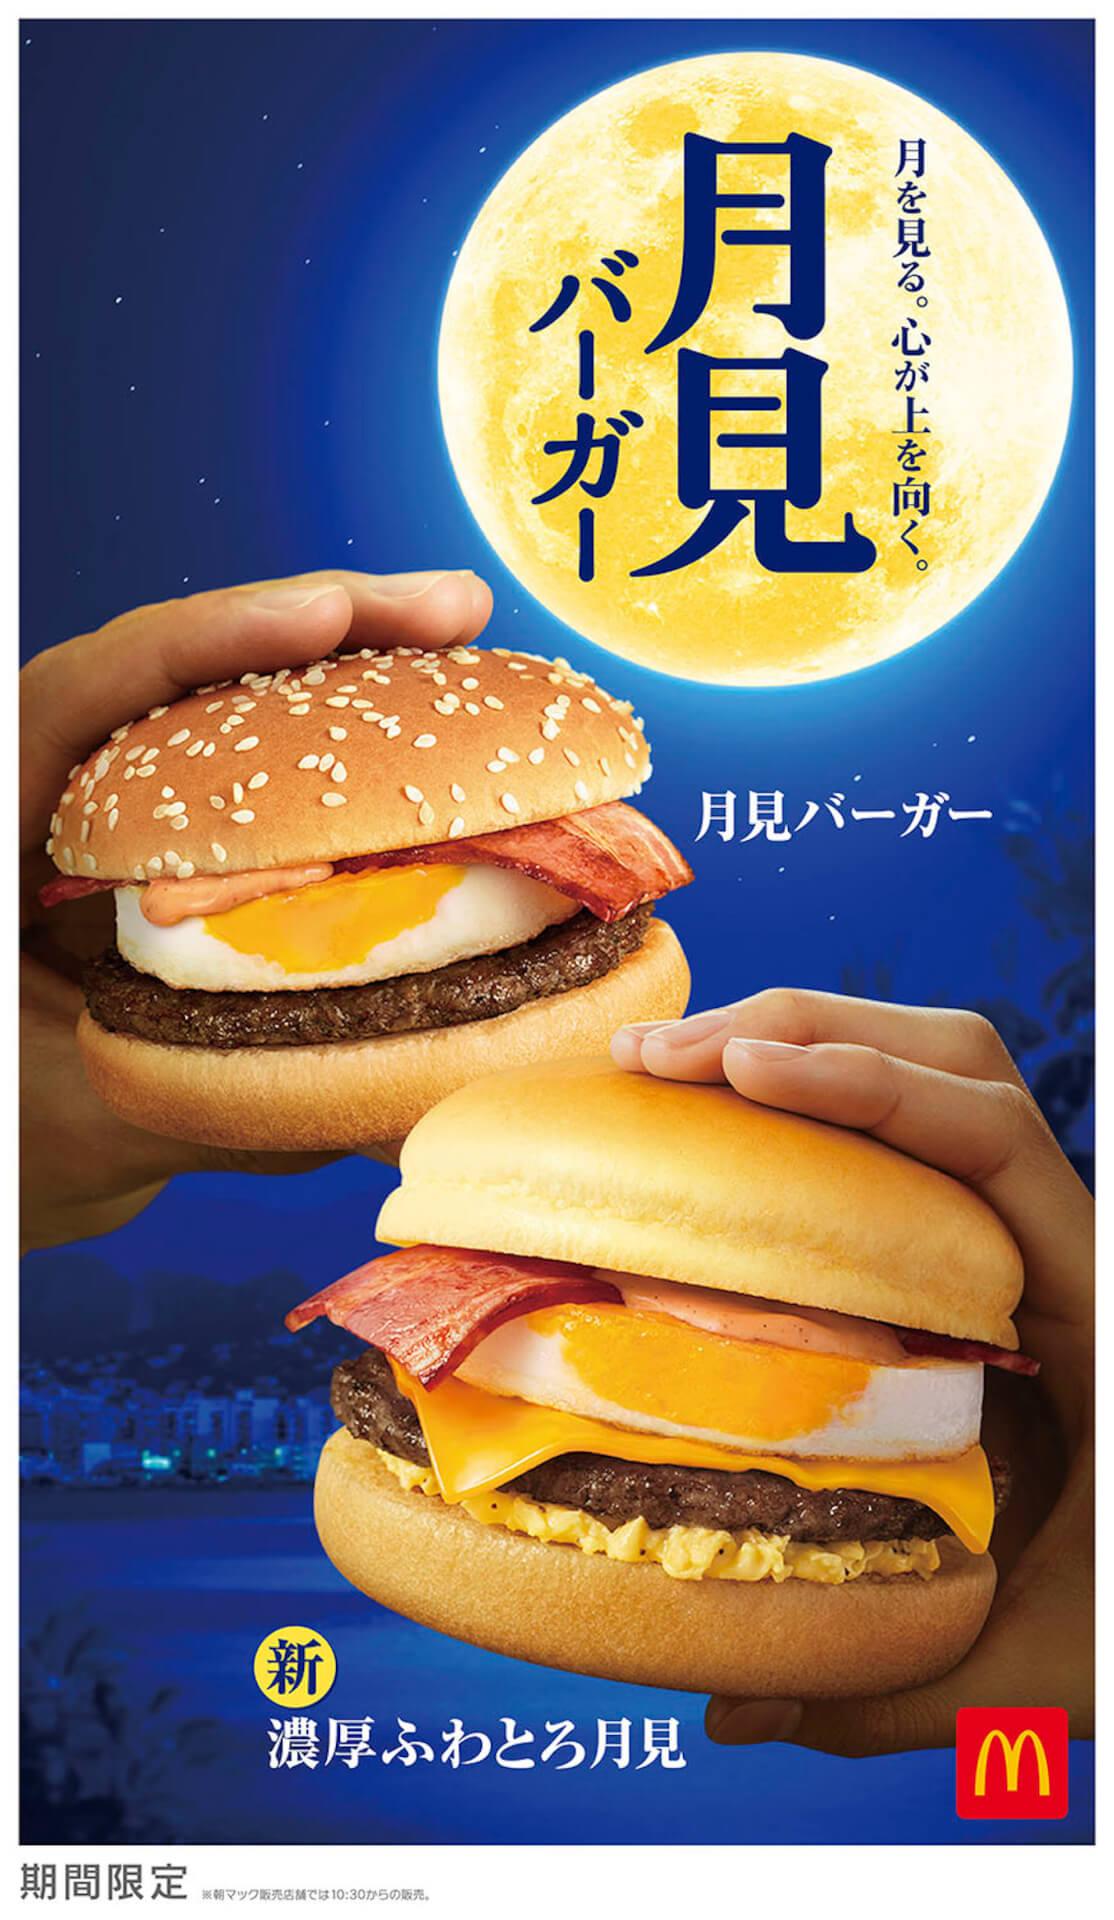 マクドナルドの定番「月見バーガー」シリーズに今年は濃厚ふわとろ月見、月見パイ、マックフルーリー月見が登場! gourmet200826_mcdonald_tsukimi_2